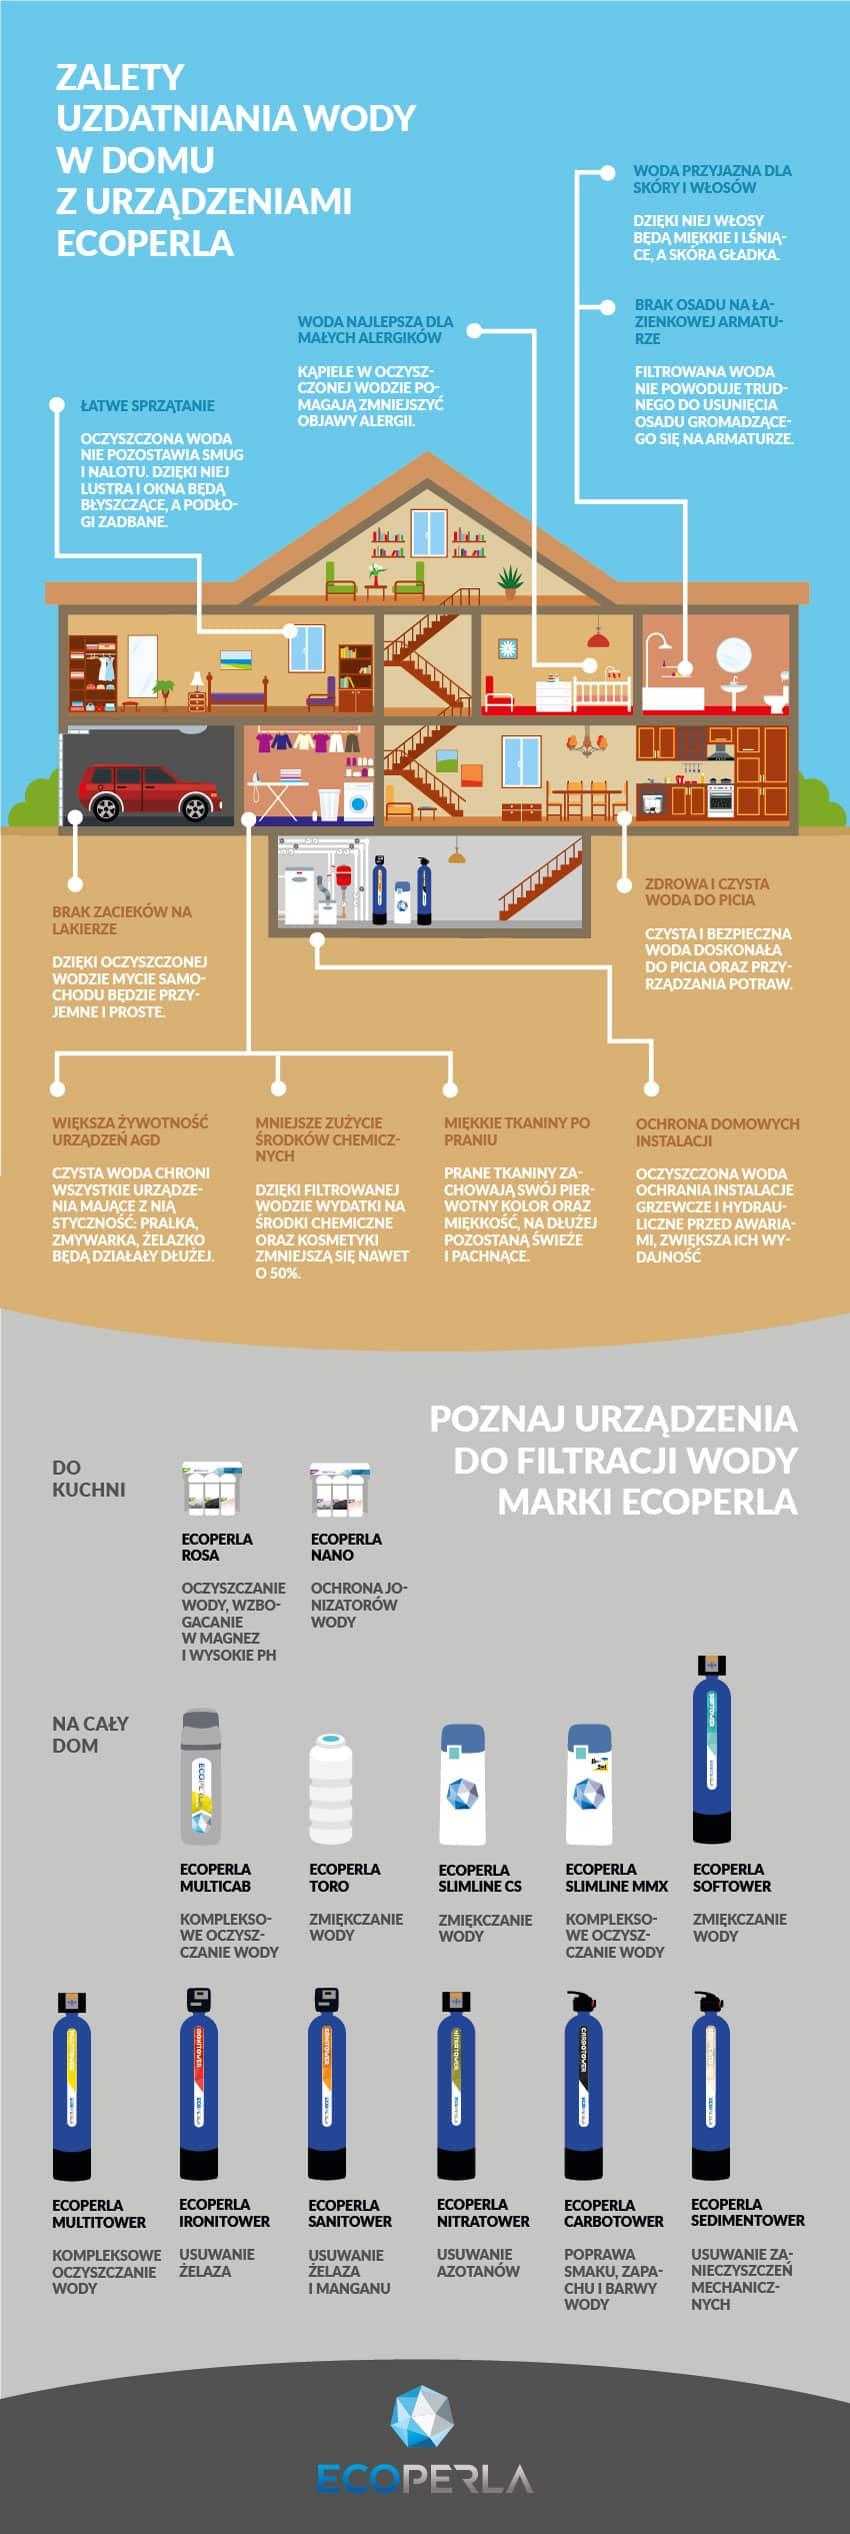 infografika dotycząca urządzeń Ecoperla